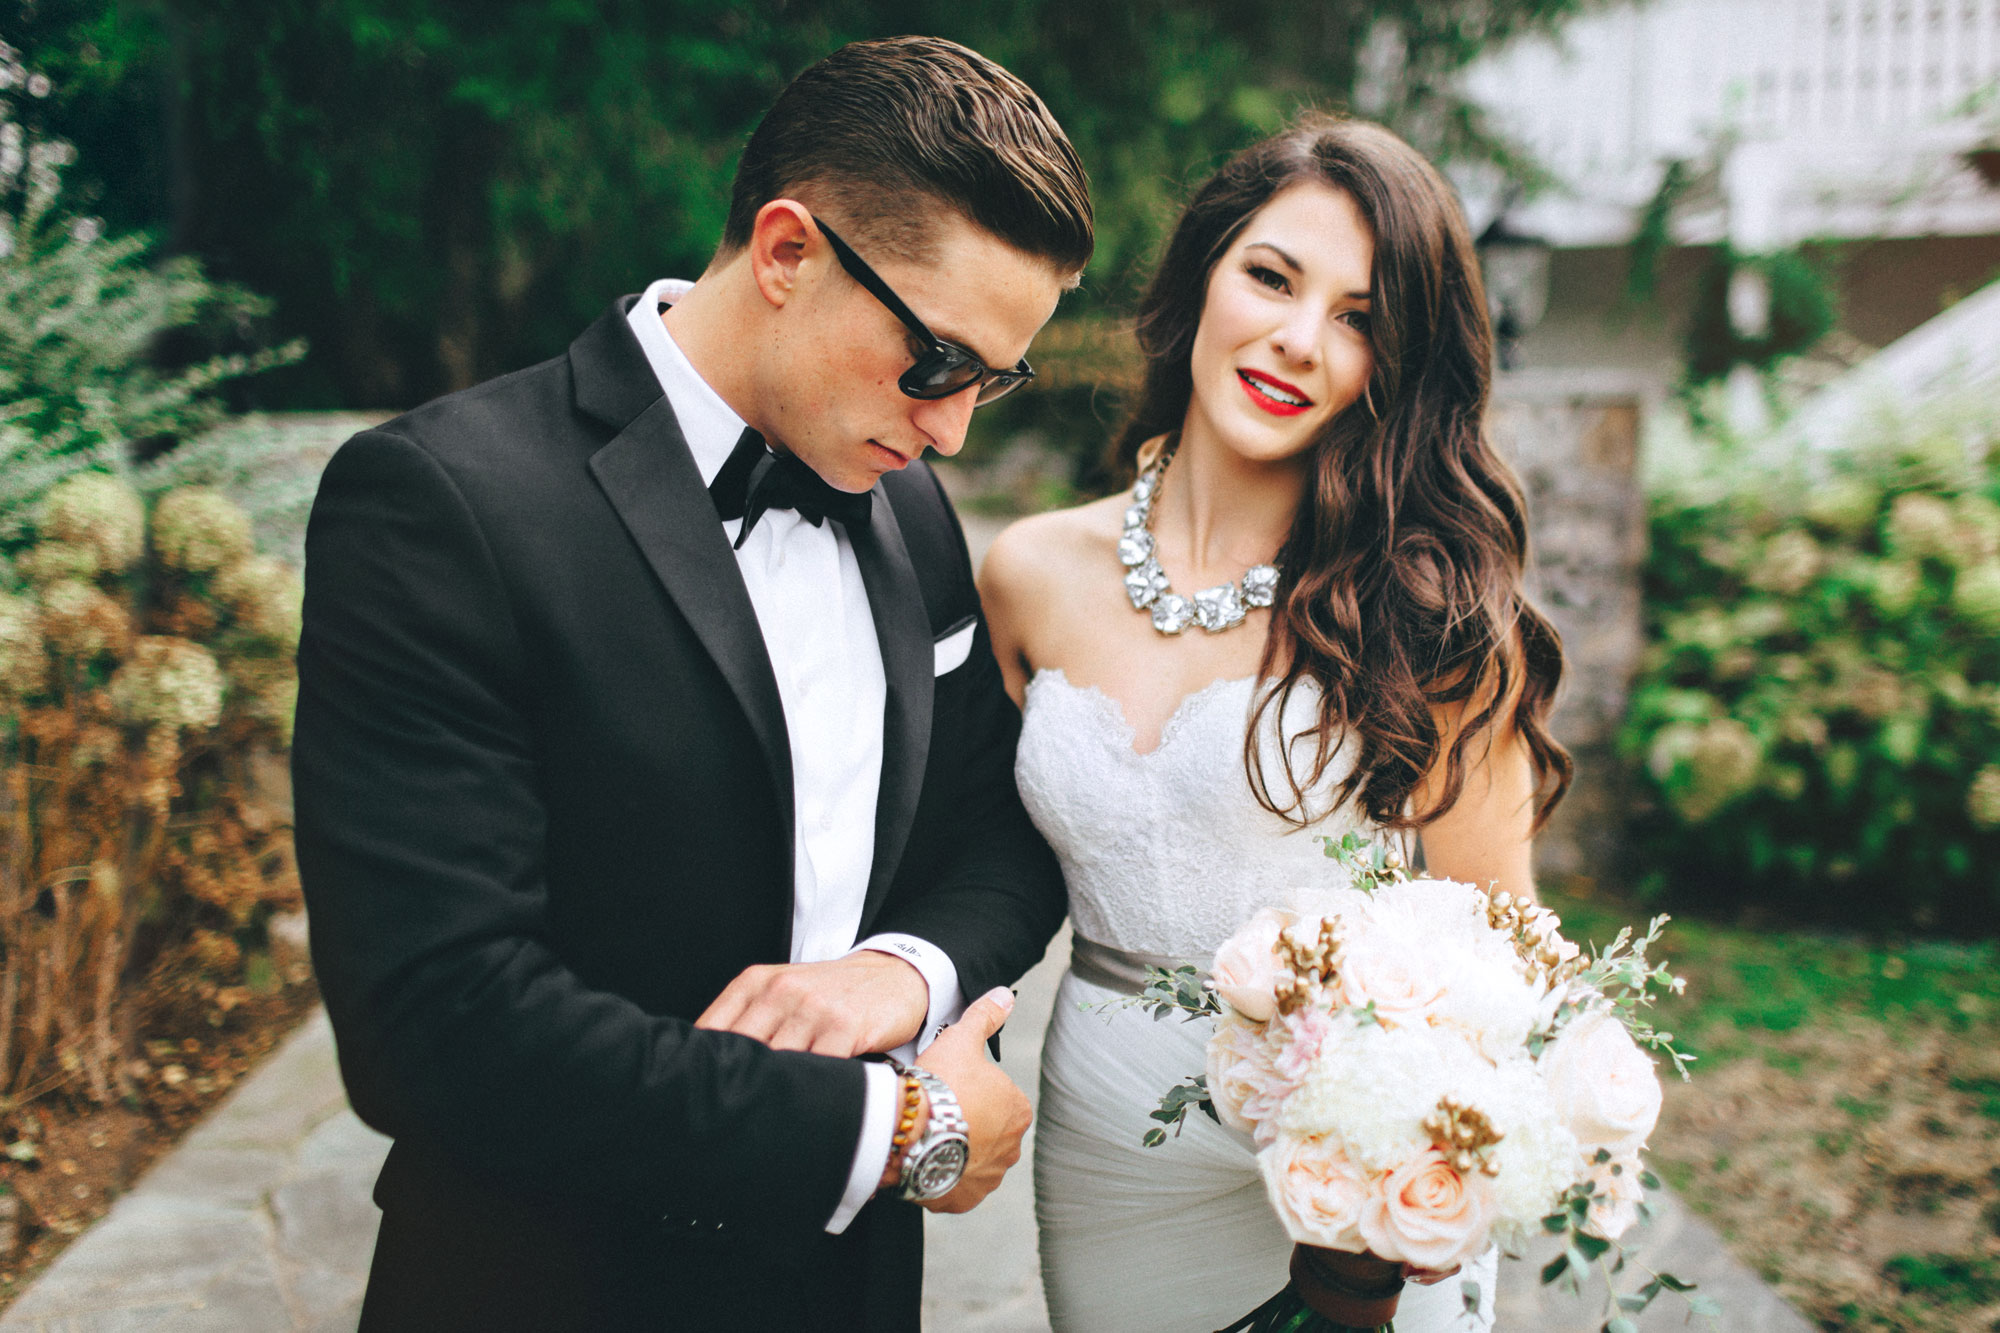 Me & Mr. Jones Wedding, Black Tie Wedding at Cedarwood in Nashville, Statement Necklace, Glam Bride, Black White and Gold Wedding